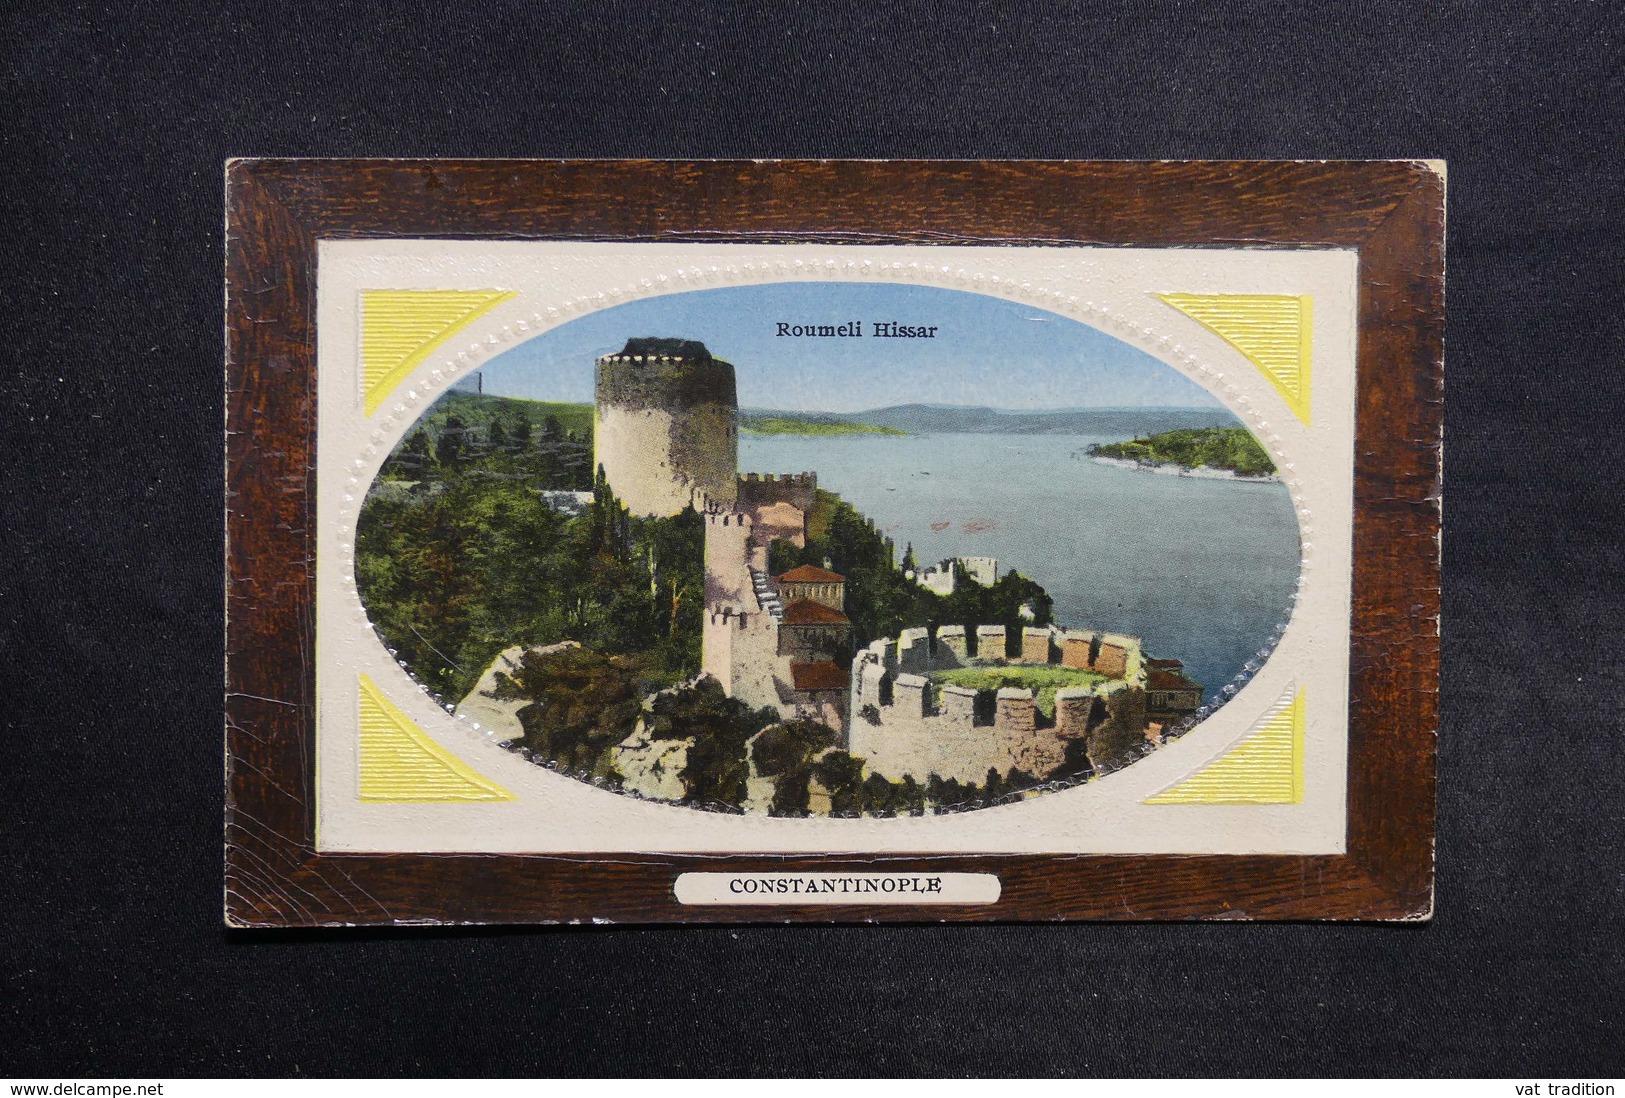 TURQUIE - Carte Postale - Constantinople - Roumeli Hissar - L 31555 - Turquie